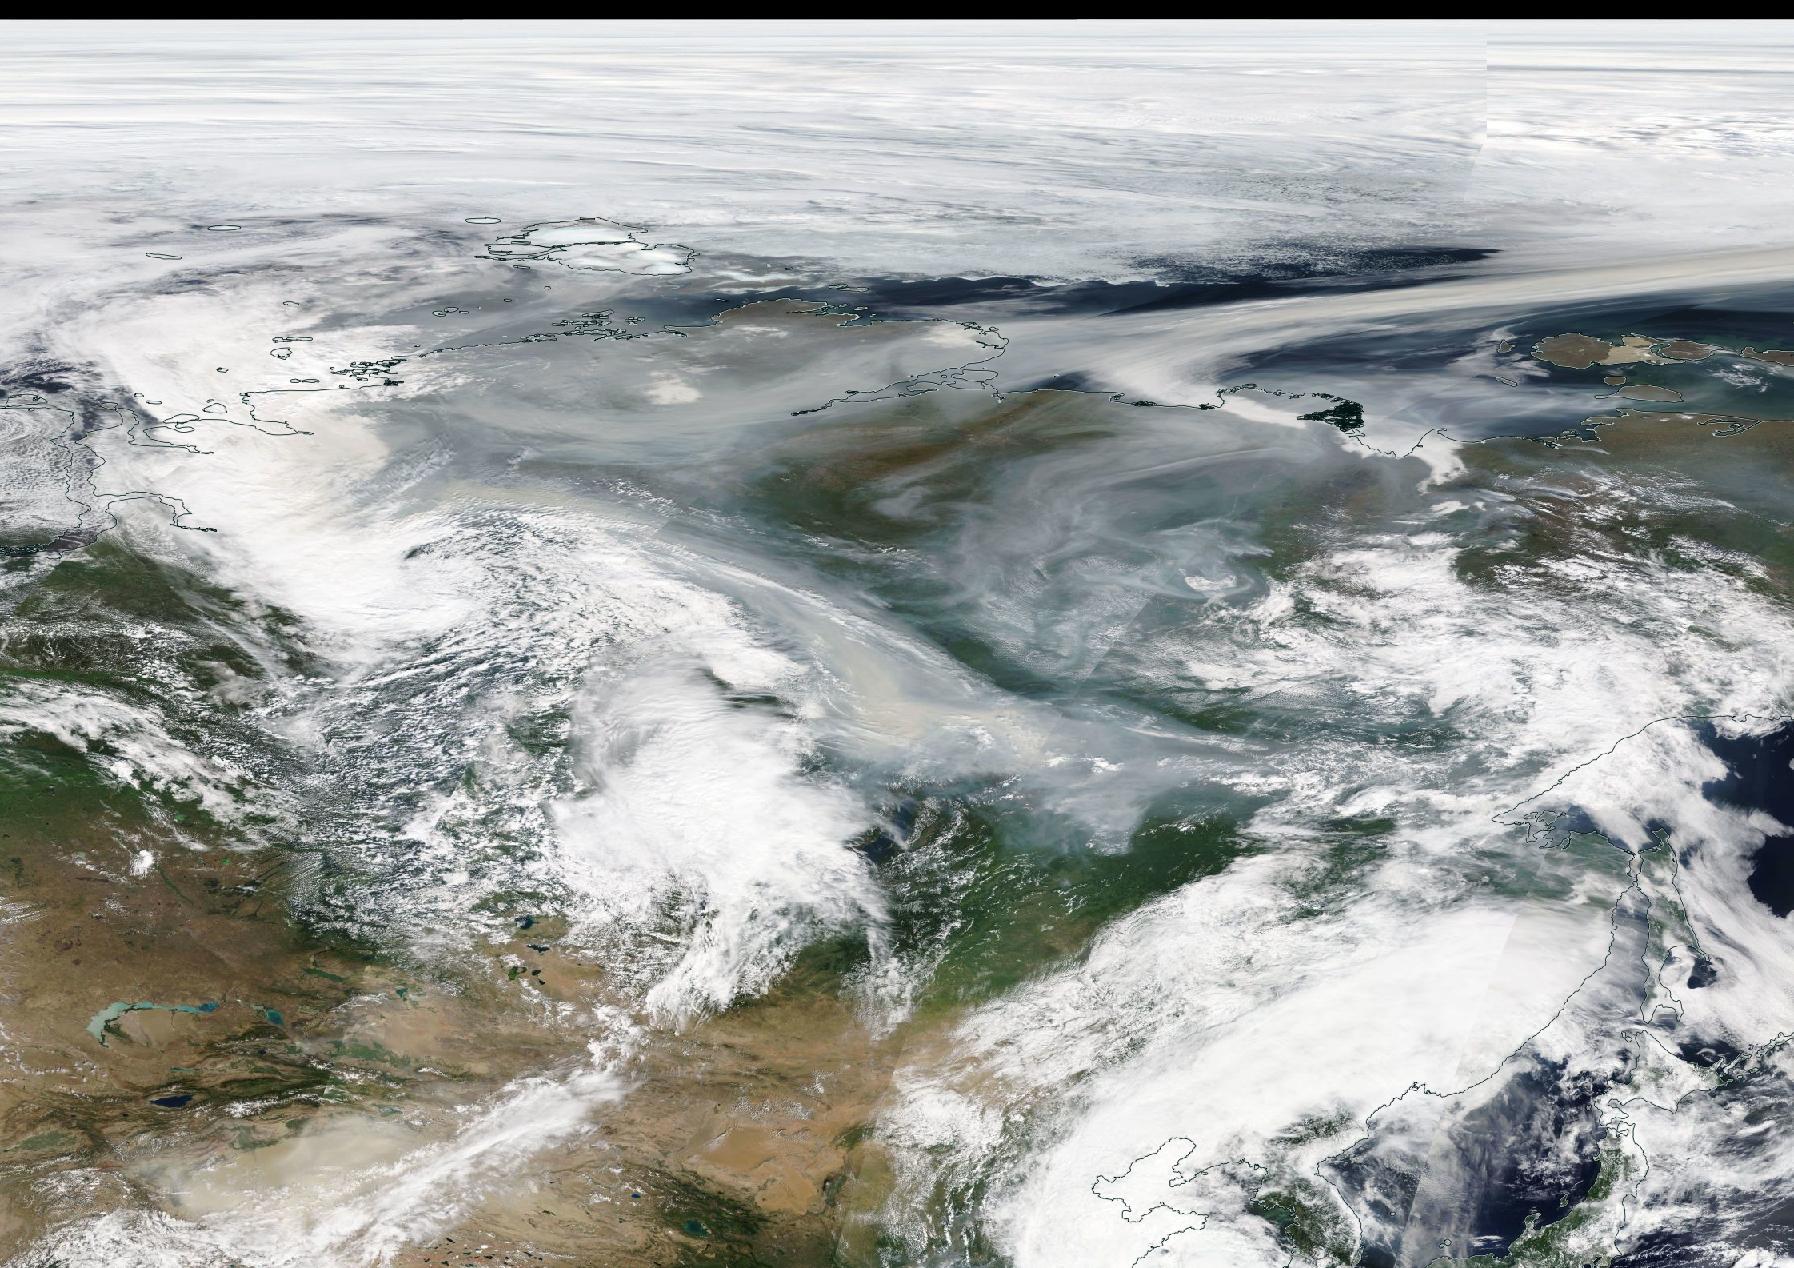 Siberia worldview screenshot 11 Aug 2019 https://go.nasa.gov/2OPxvI4